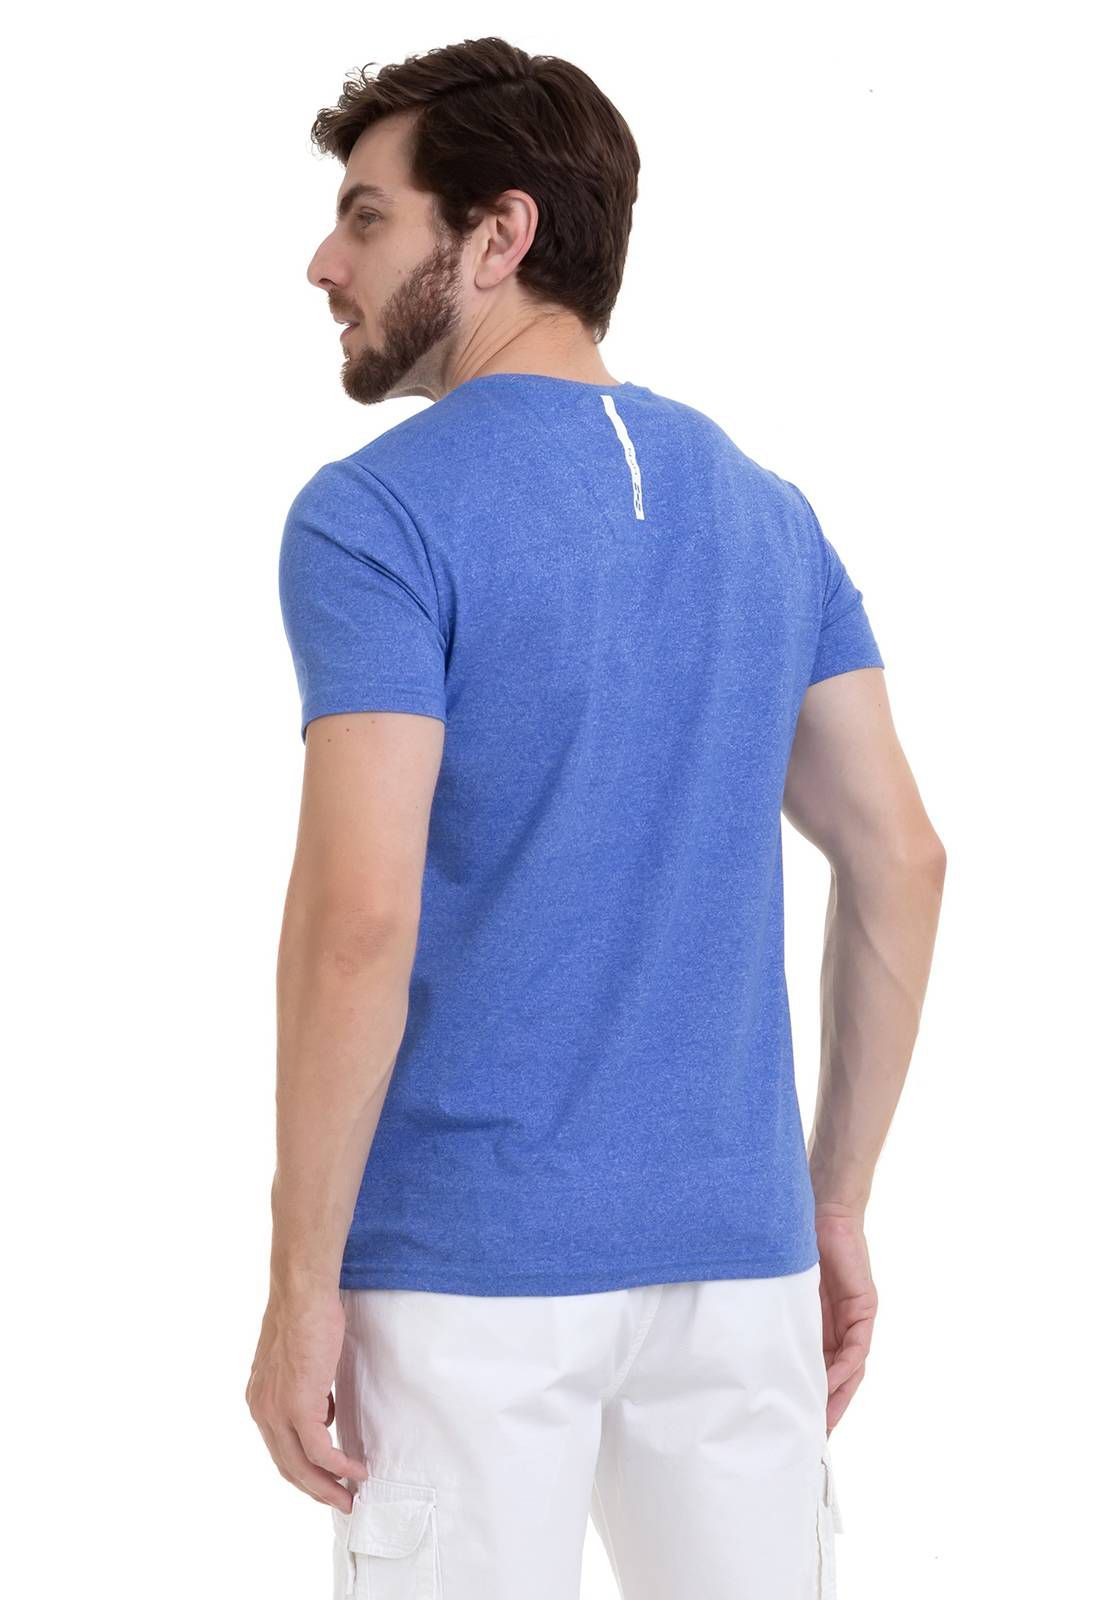 Camiseta Com Efeito Mescla Azul